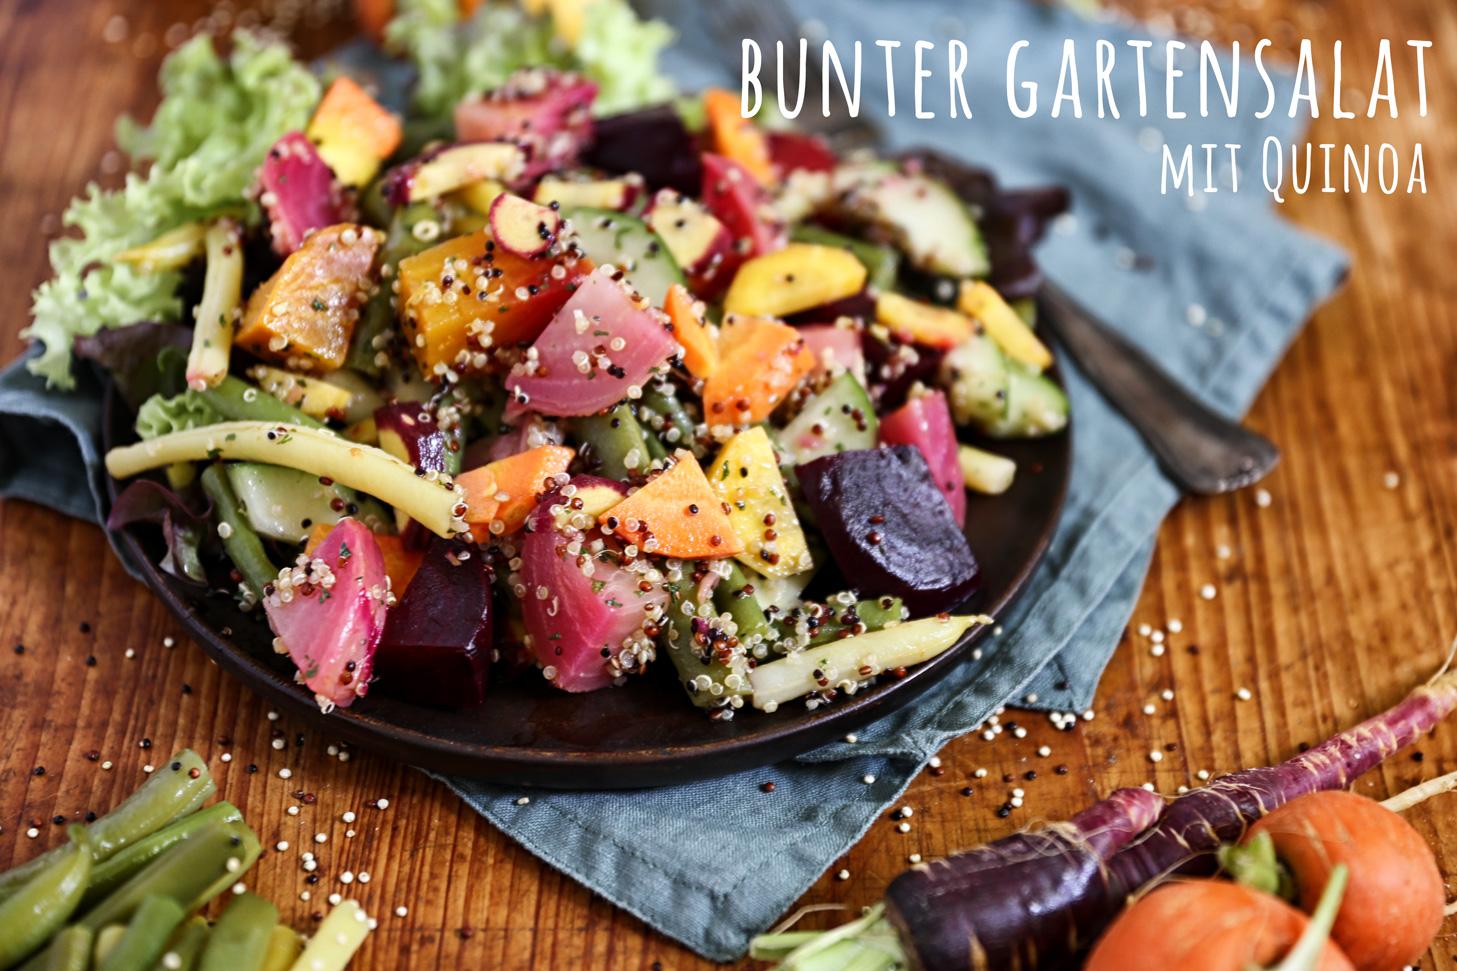 Bunter Gartensalat mit Quinoa - Pottgewächs